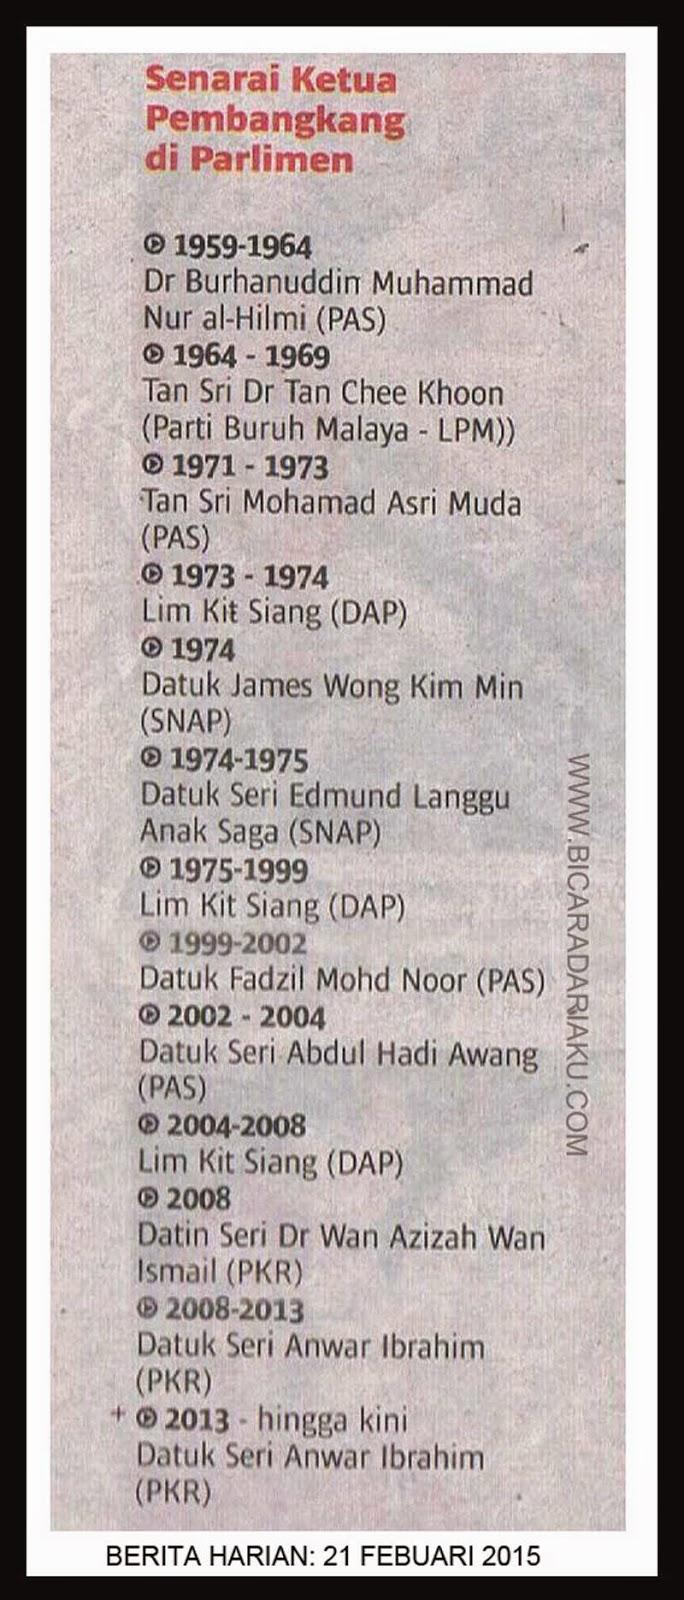 Senarai Ketua Pembangkang di Parlimen Malaysia